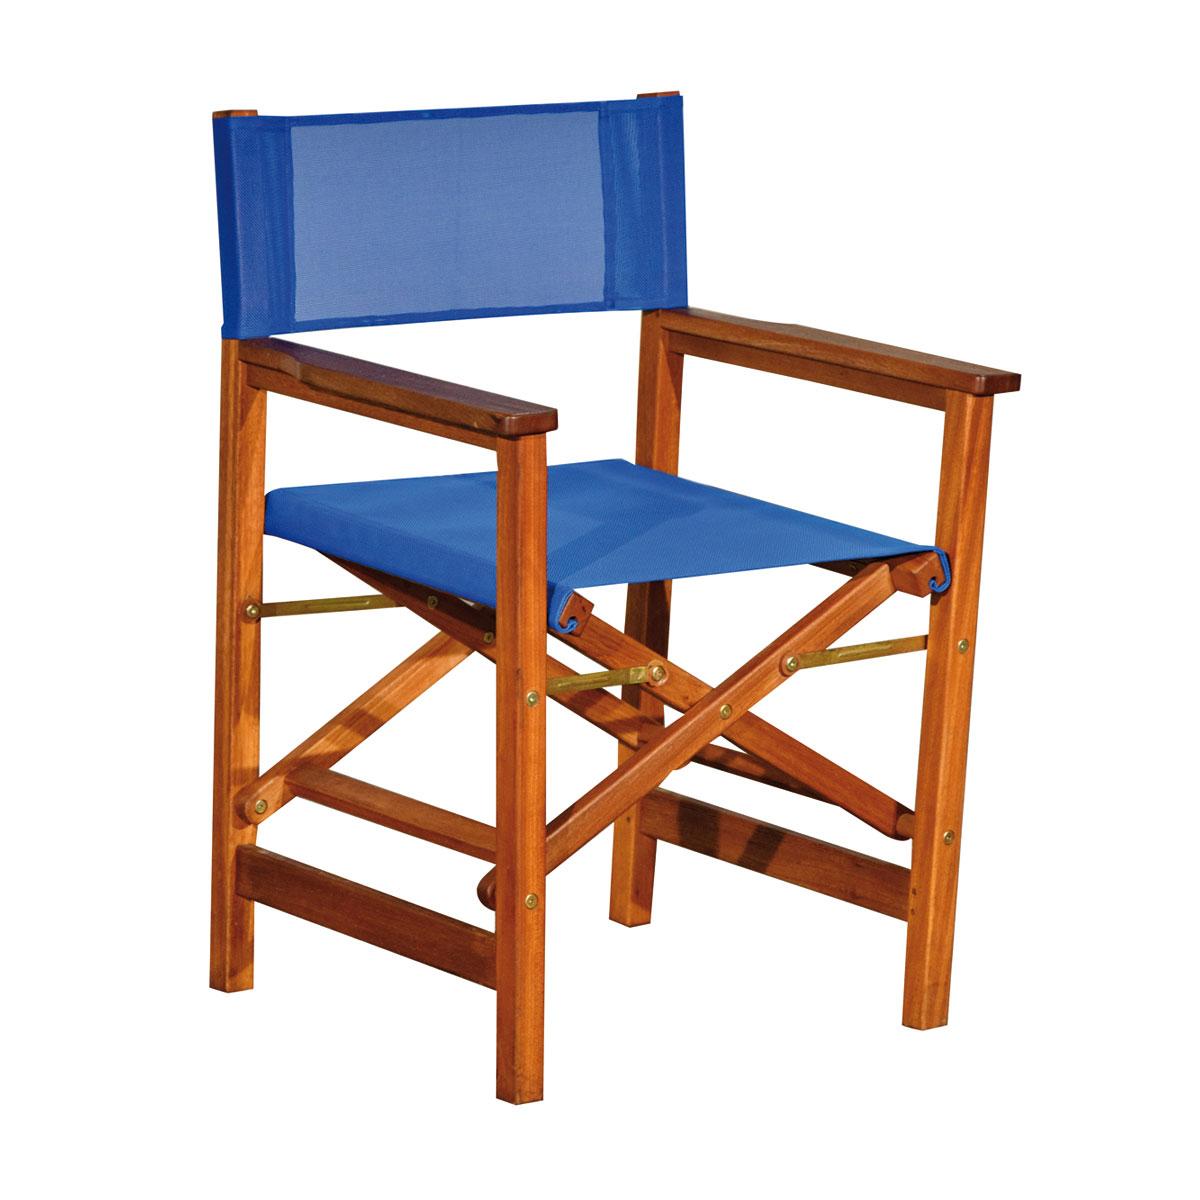 fauteuil metteur en scene - Fauteuil Metteur En Scene